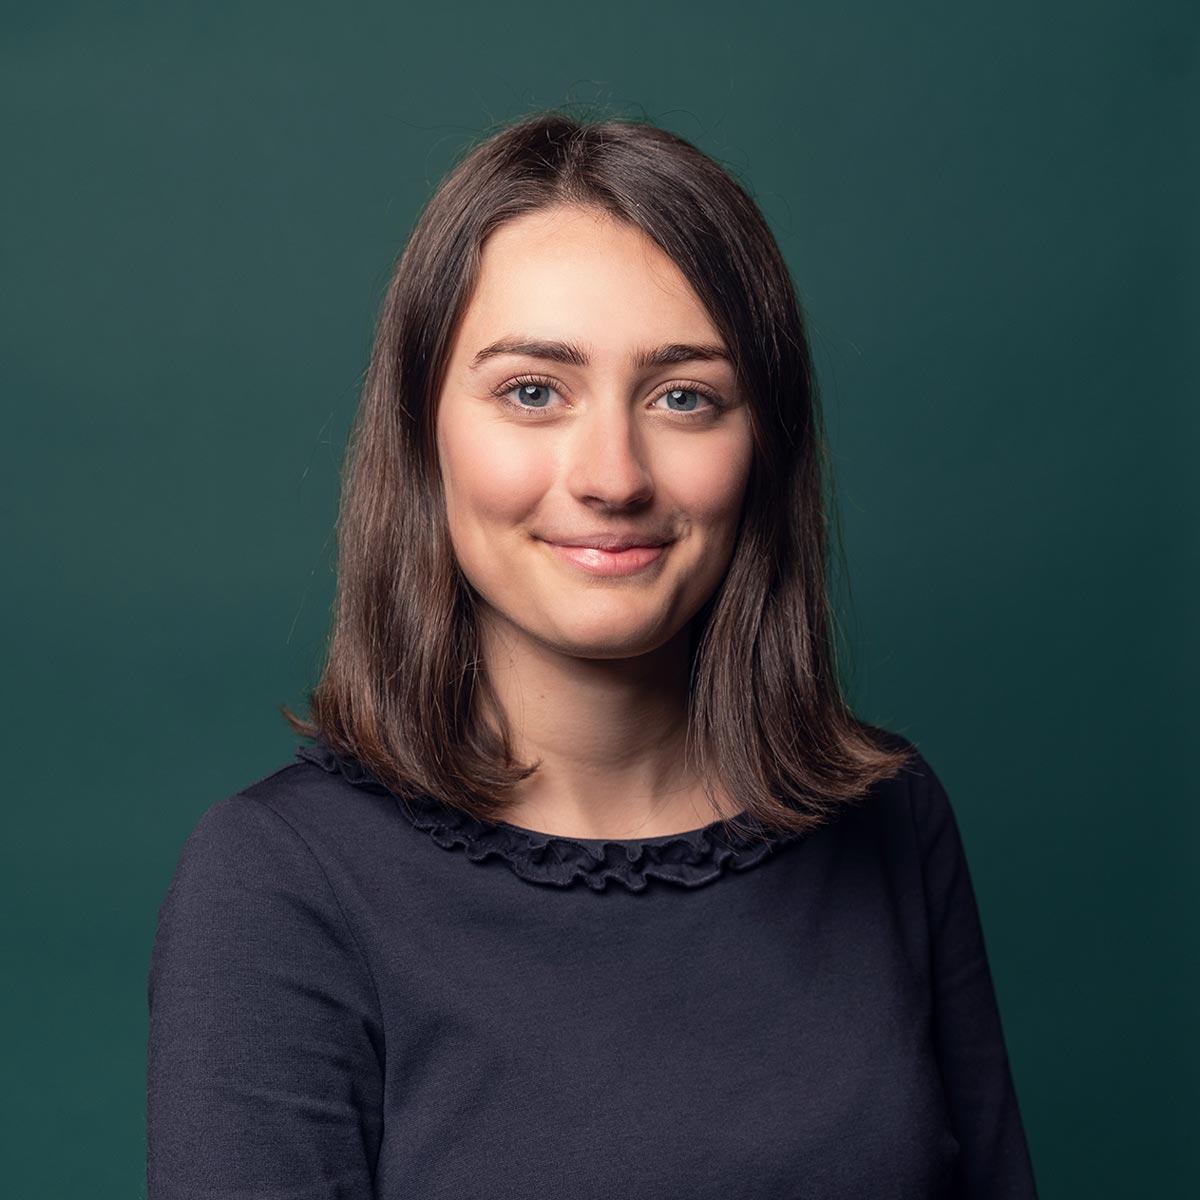 Helena Leslie